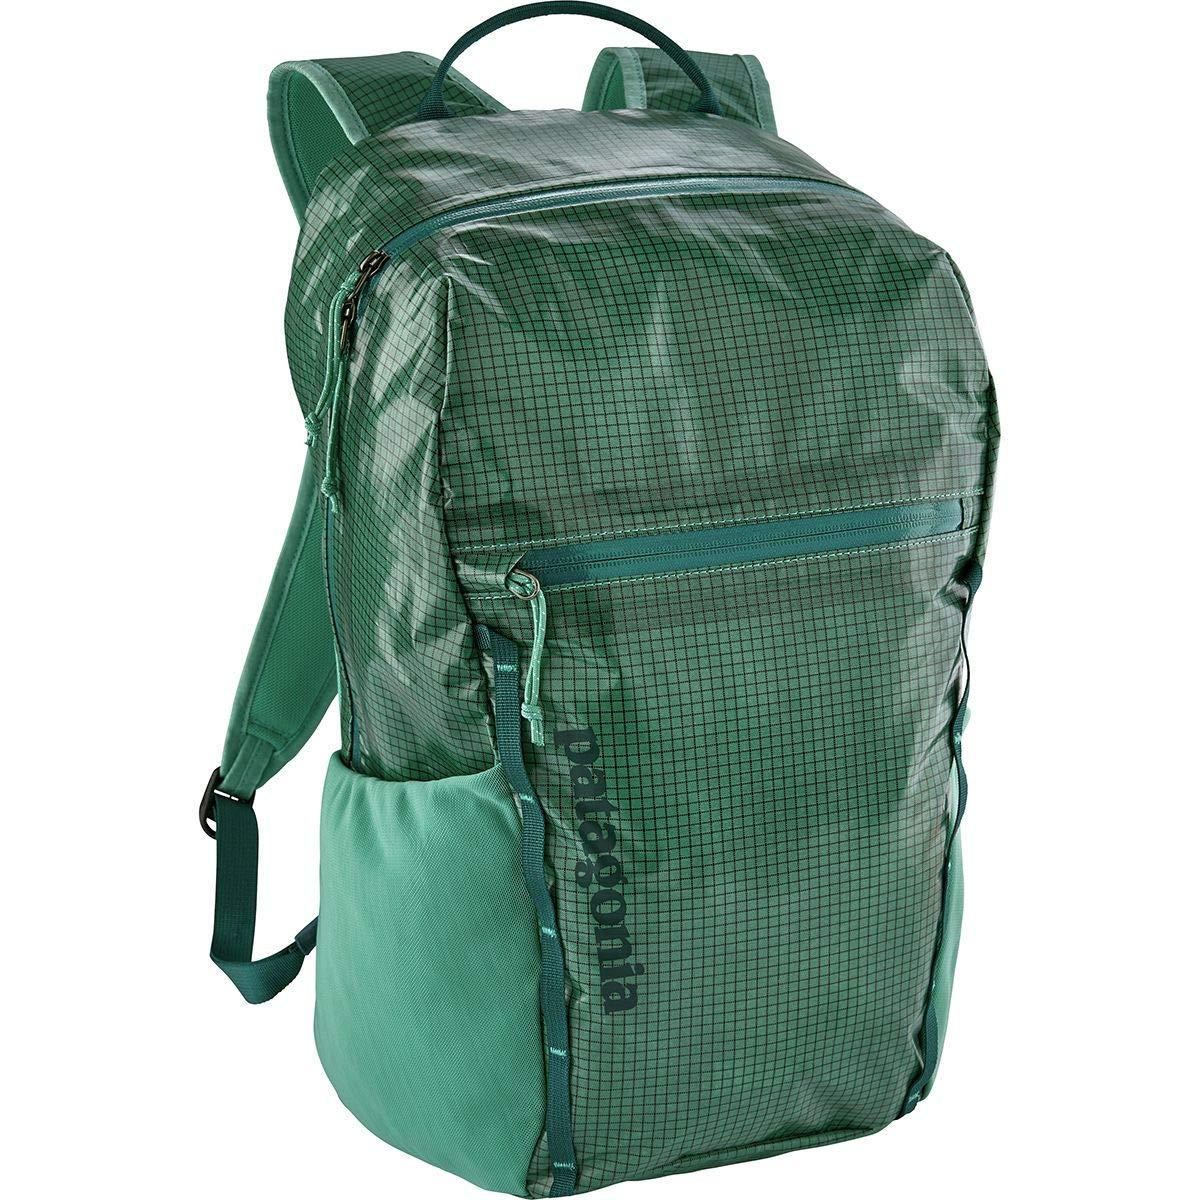 (パタゴニア) Patagonia Lightweight Black Hole 26L Backpackメンズ バックパック リュック Beryl Green [並行輸入品] One Size  B07H579R3K